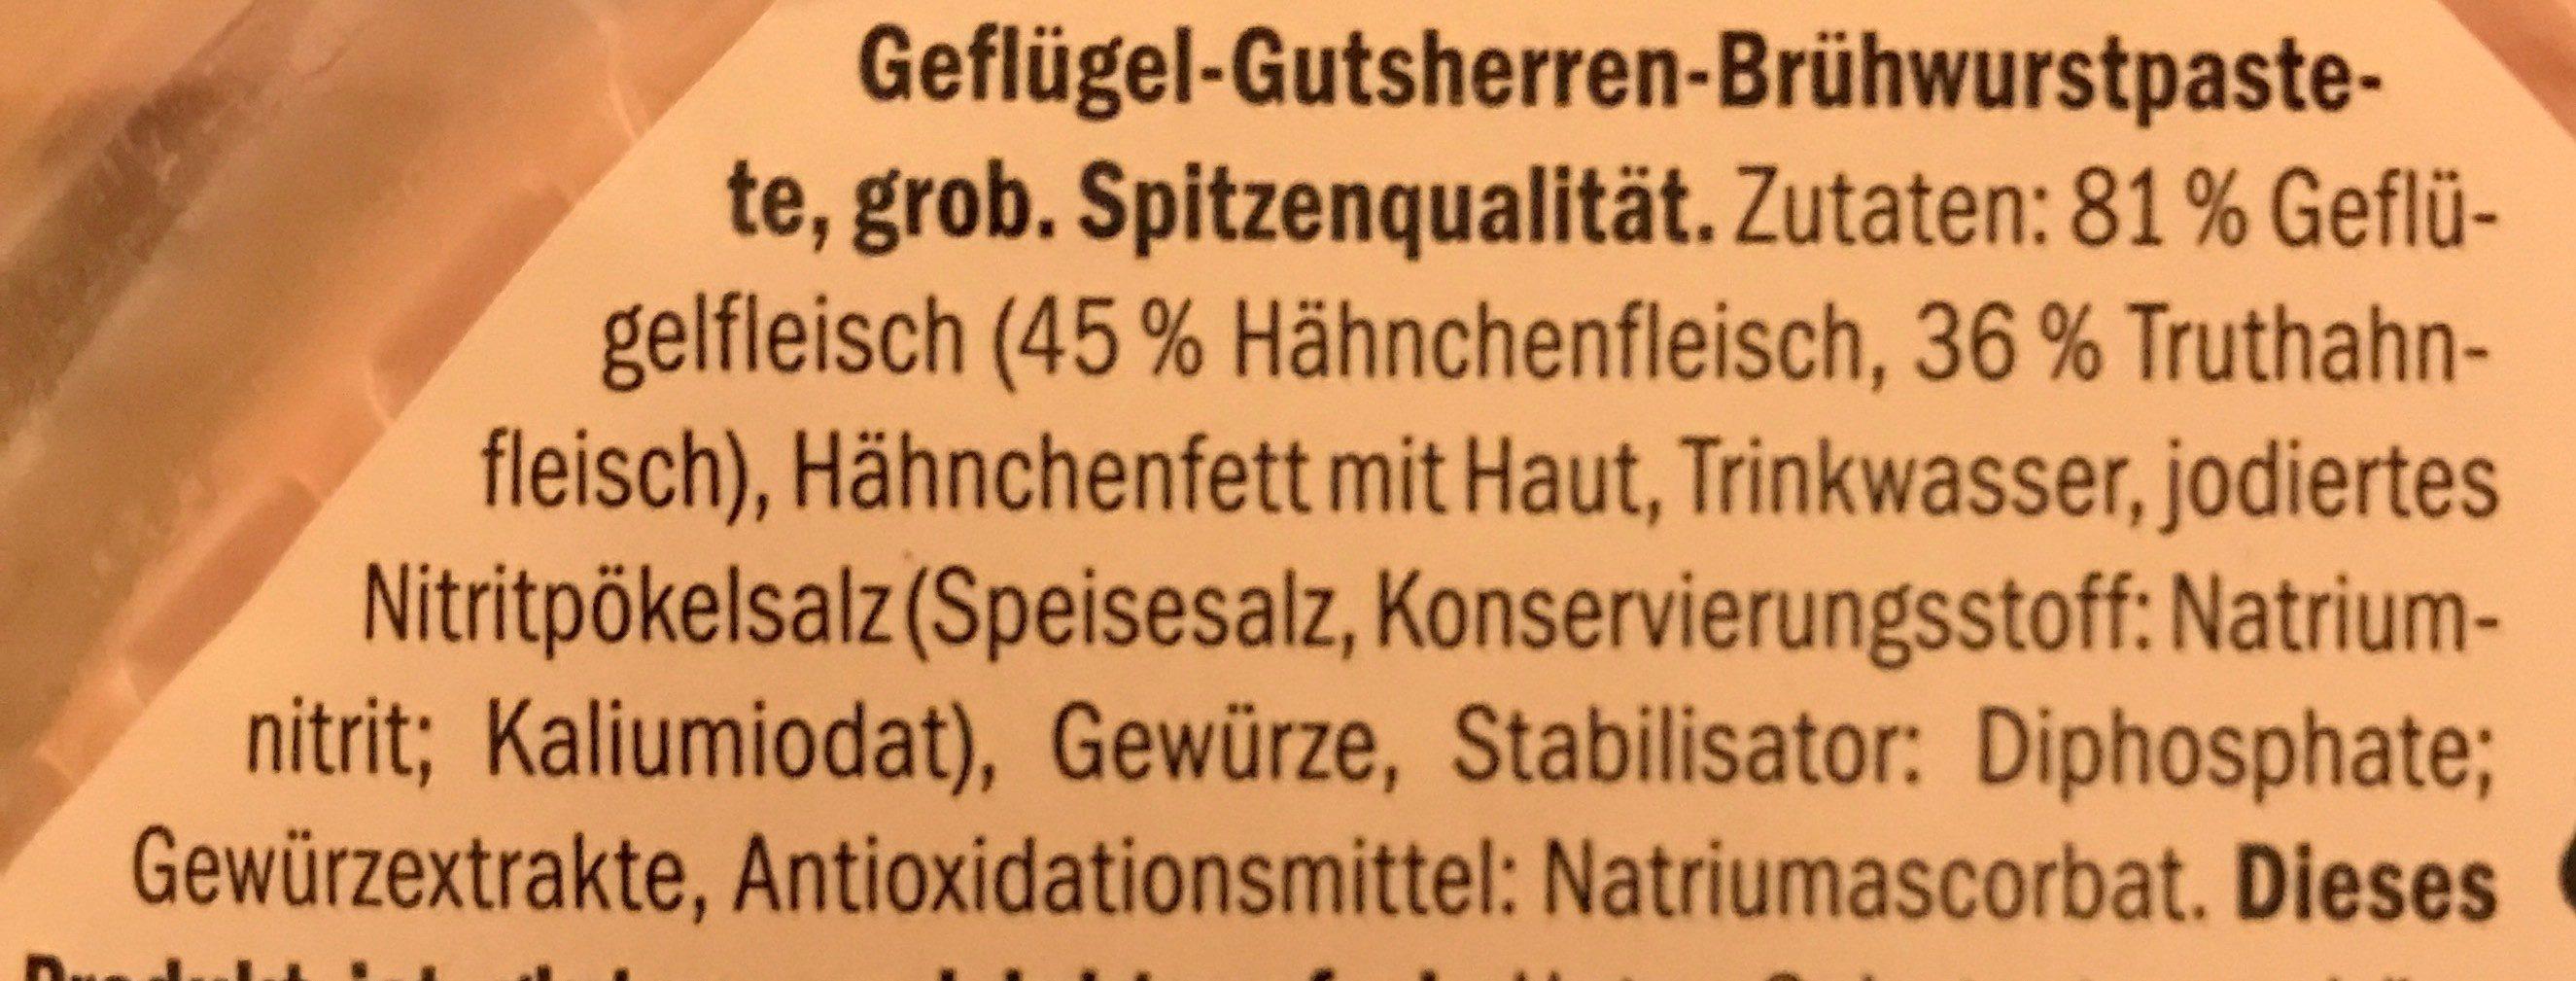 Geflügel-Gutsherrenbrühwurstpastete, grob - Ingrédients - fr